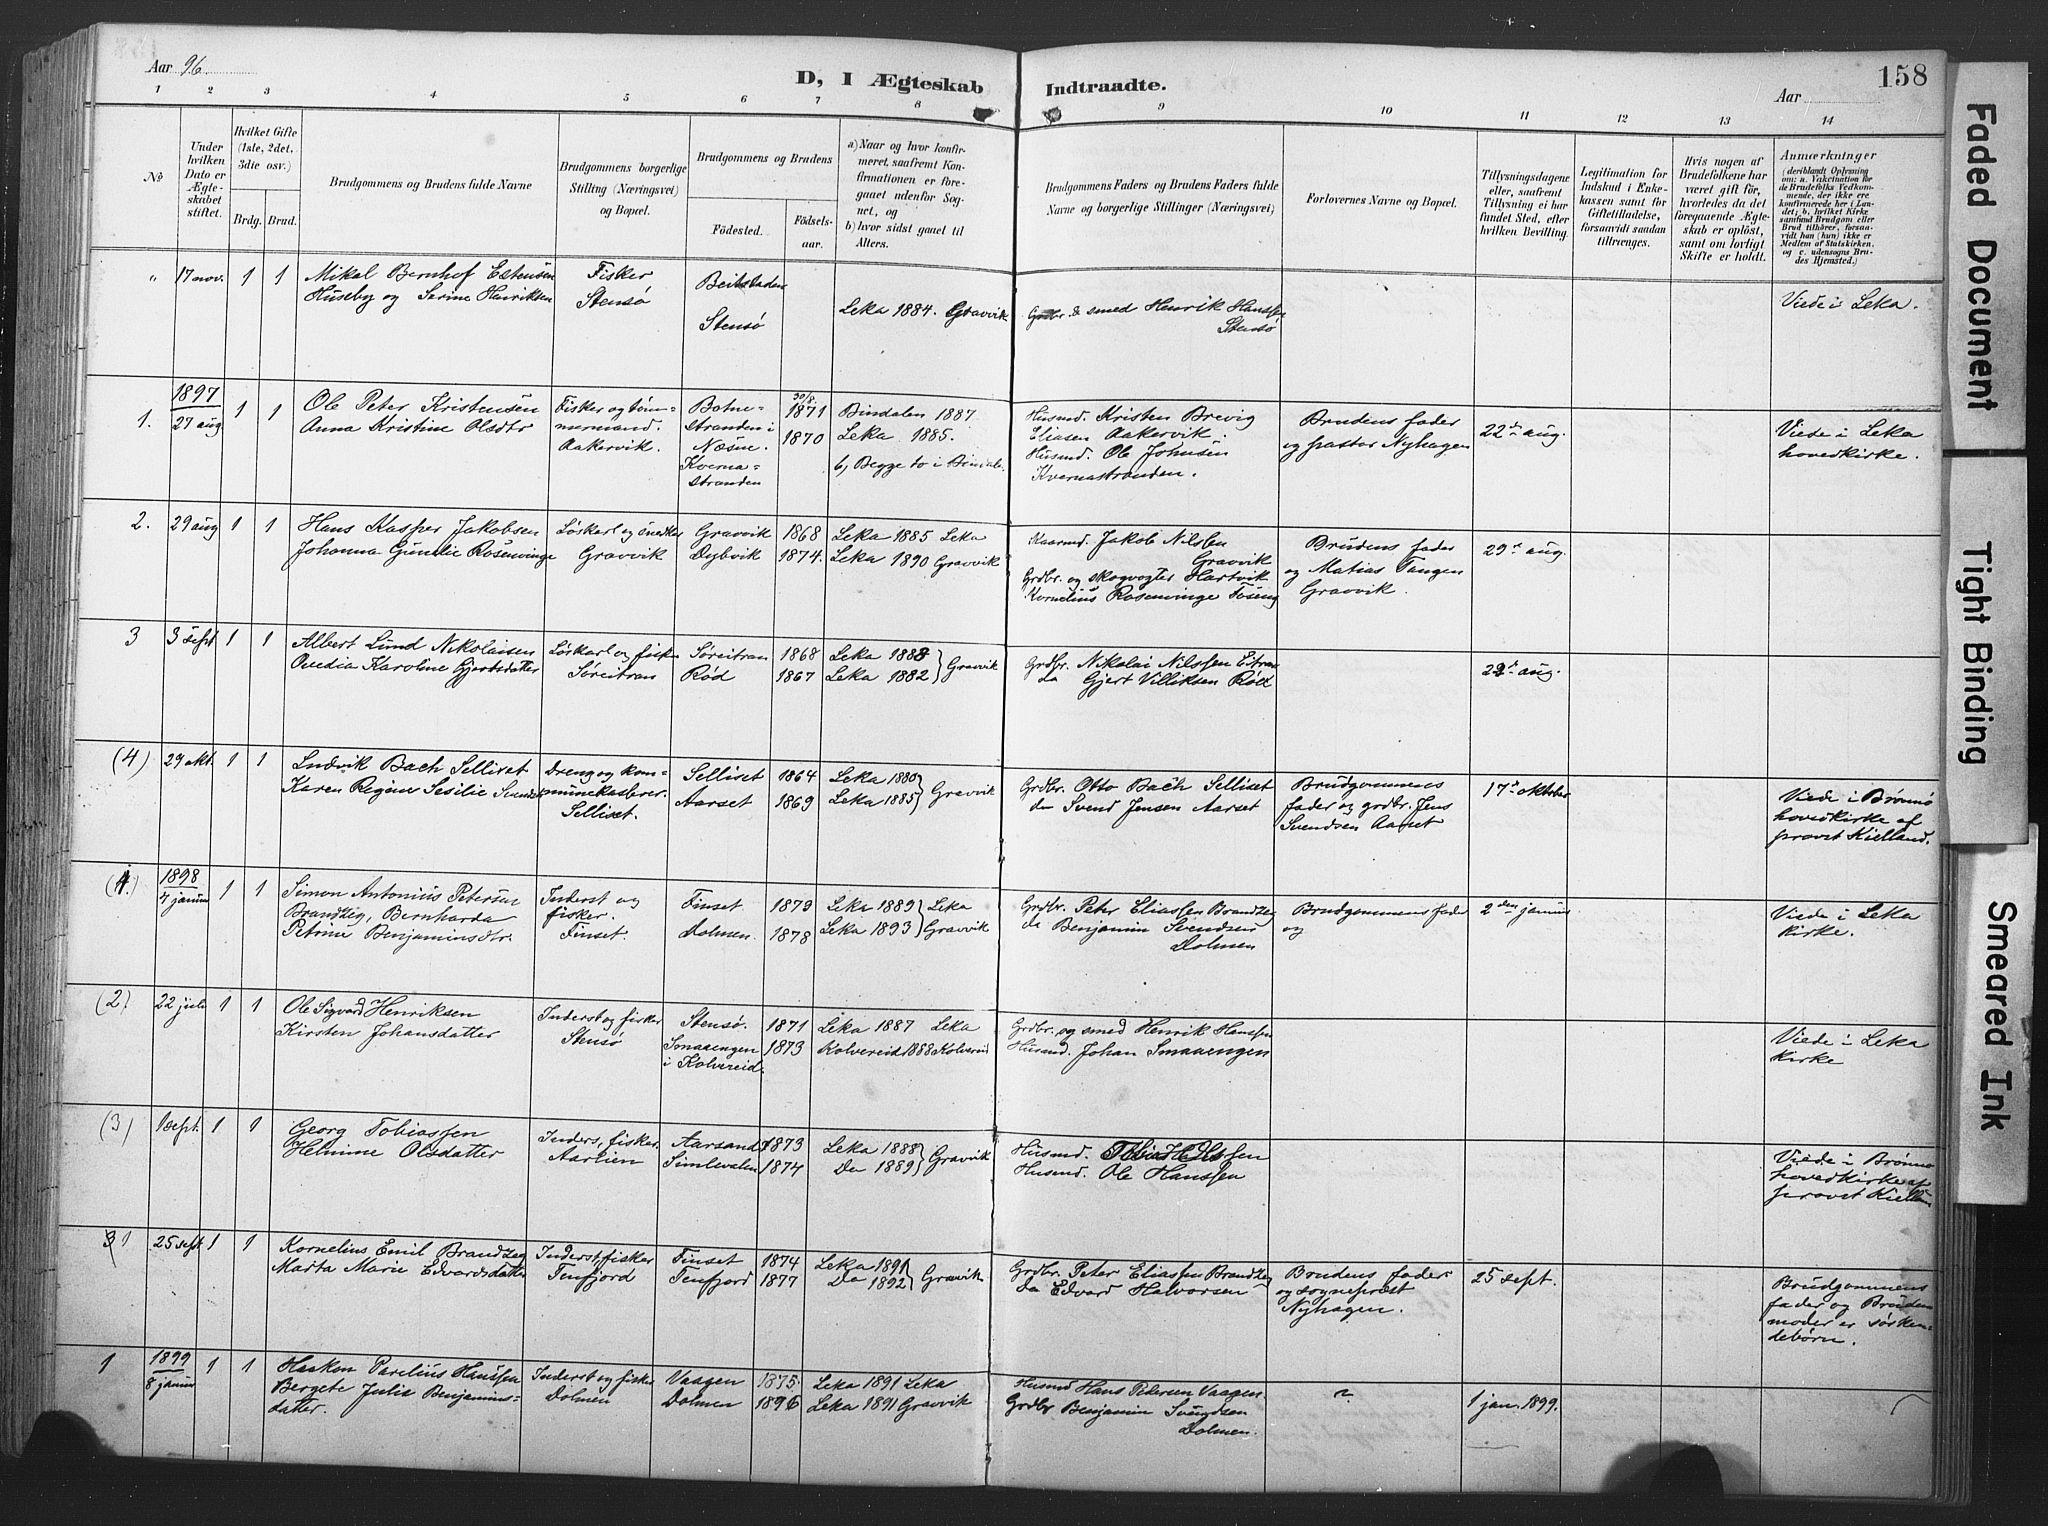 SAT, Ministerialprotokoller, klokkerbøker og fødselsregistre - Nord-Trøndelag, 789/L0706: Klokkerbok nr. 789C01, 1888-1931, s. 158